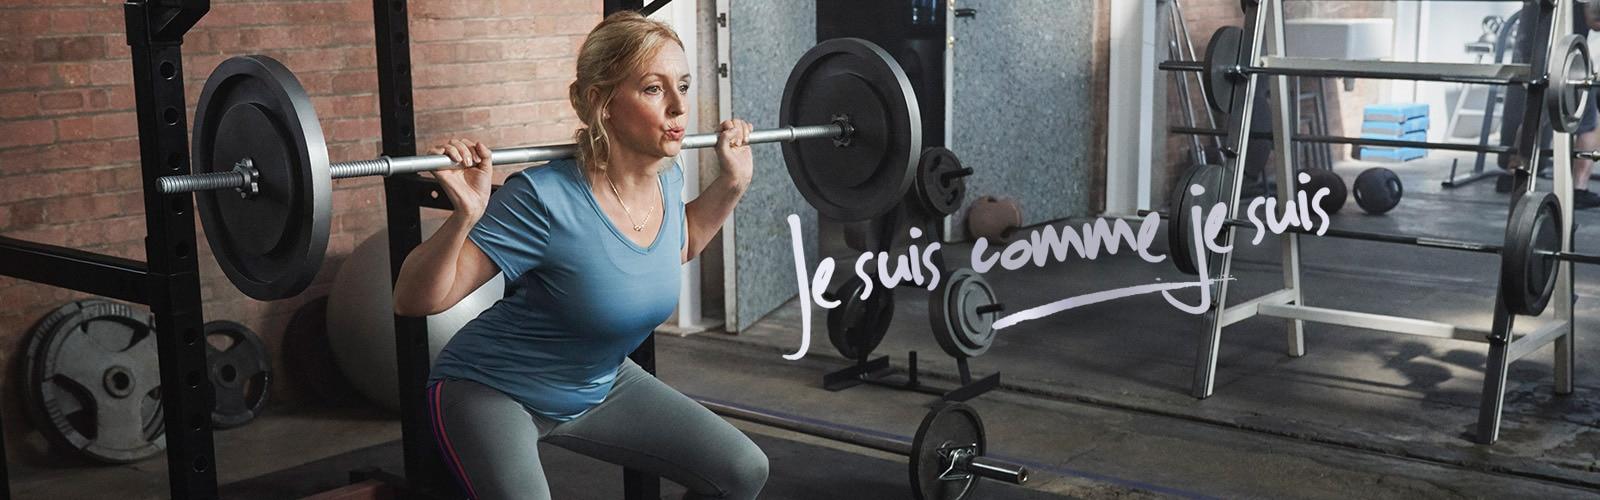 Femmesûre desoisoulevant des poids à la salle de sport